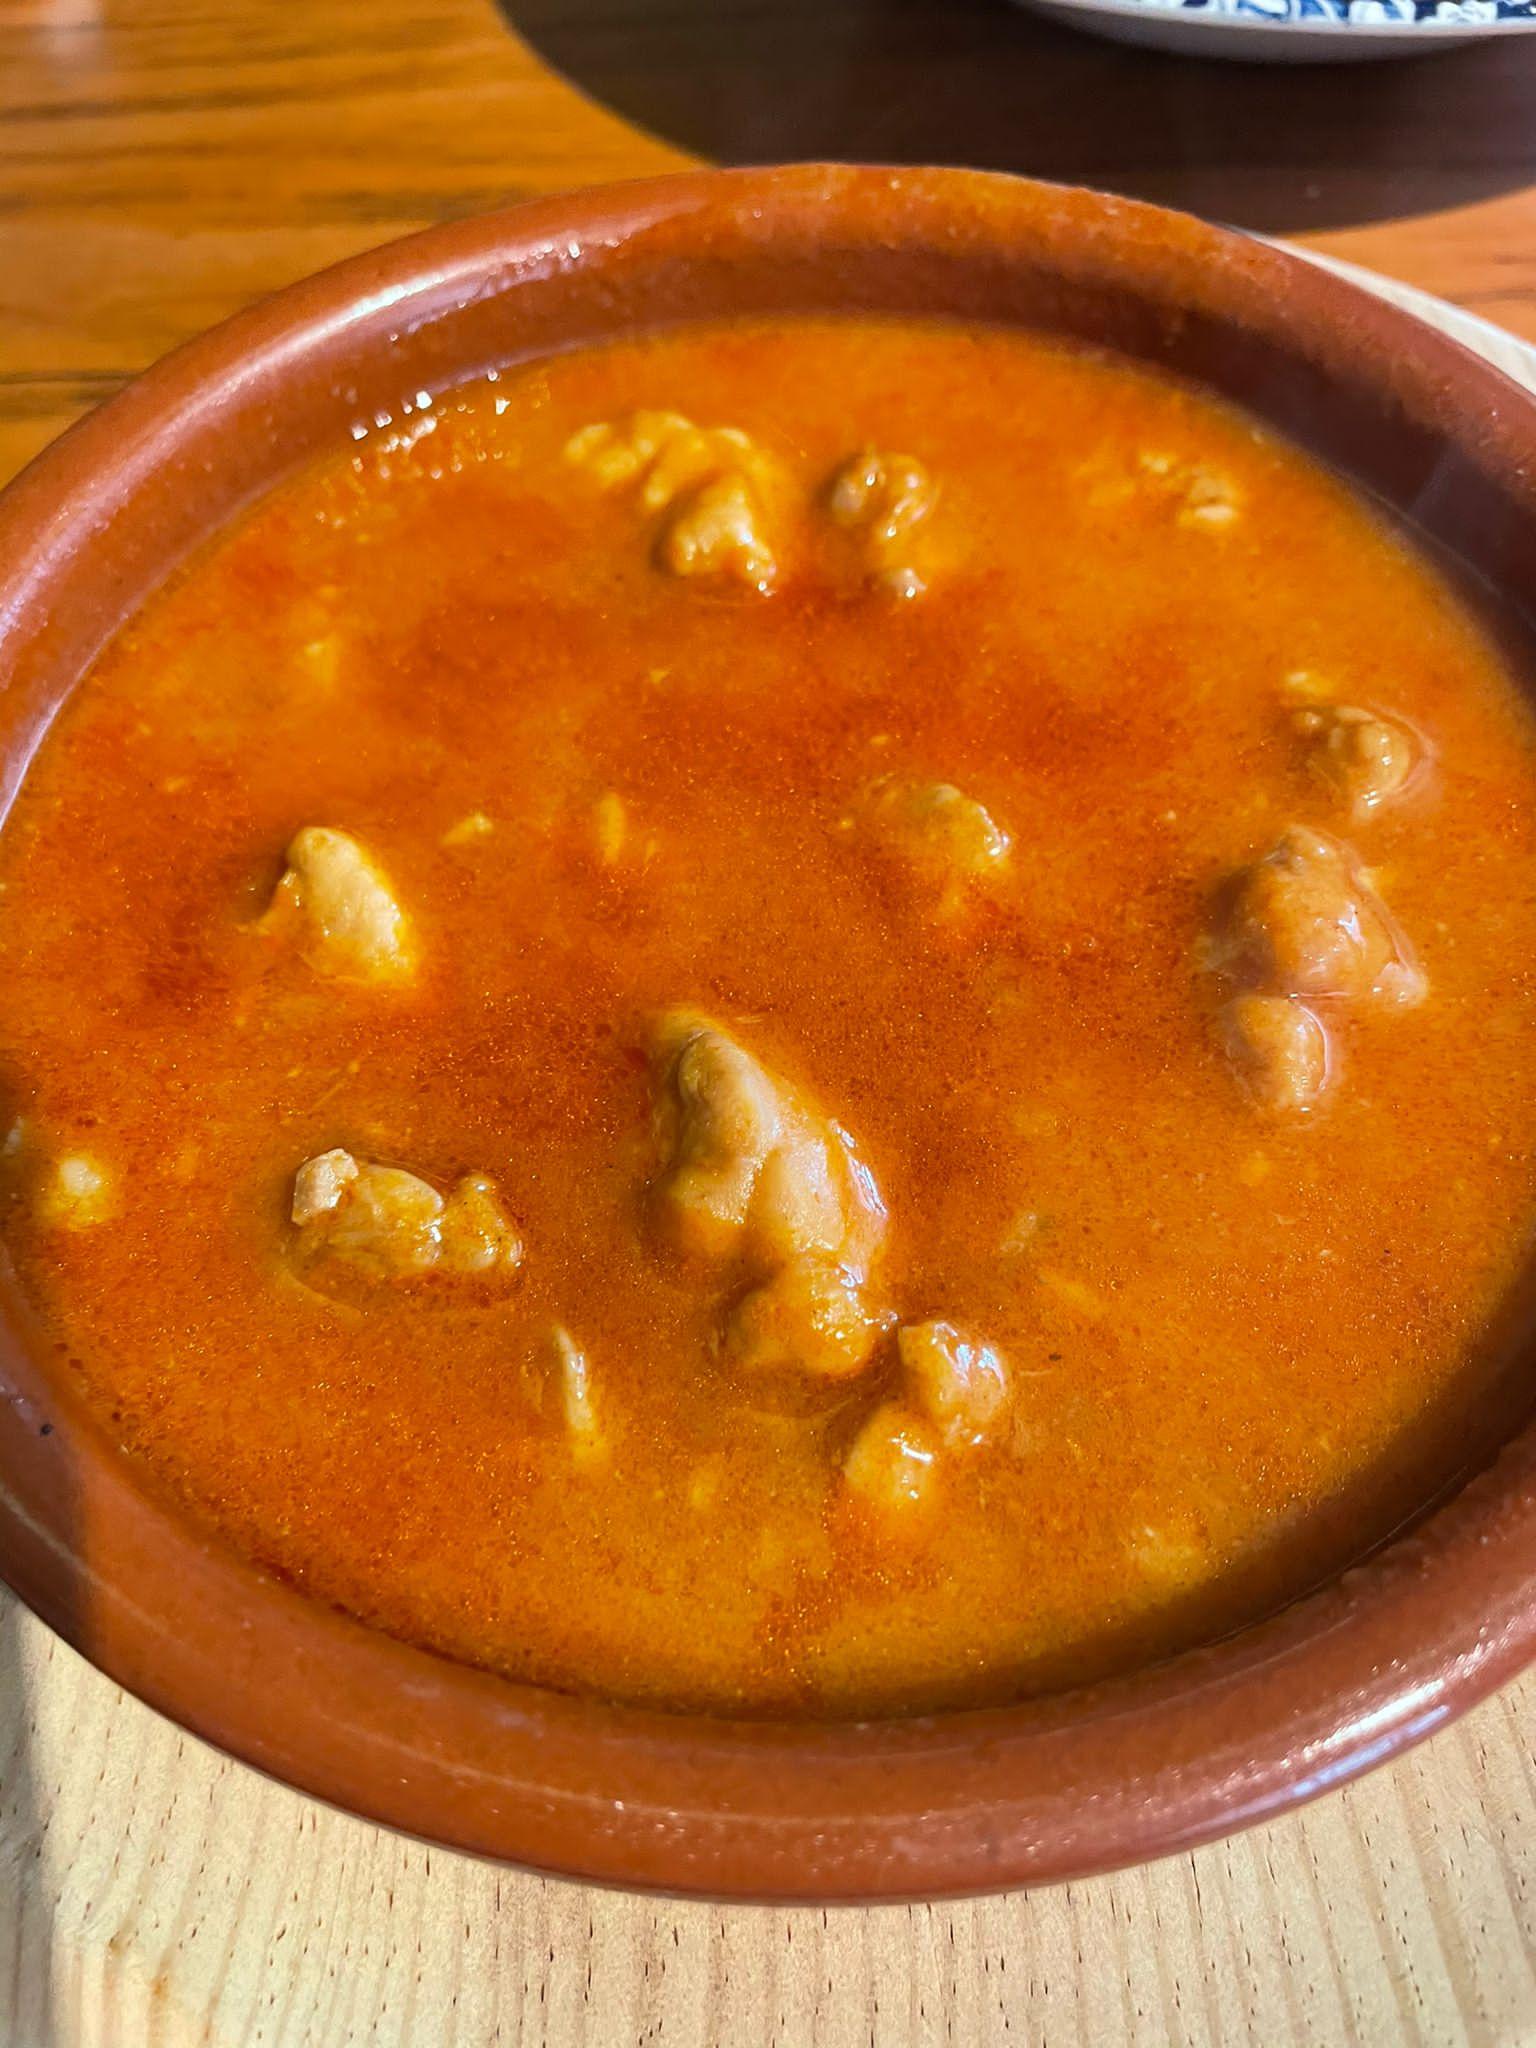 Reseñas gastronómicas: Restaurante Casa Mando de León 2